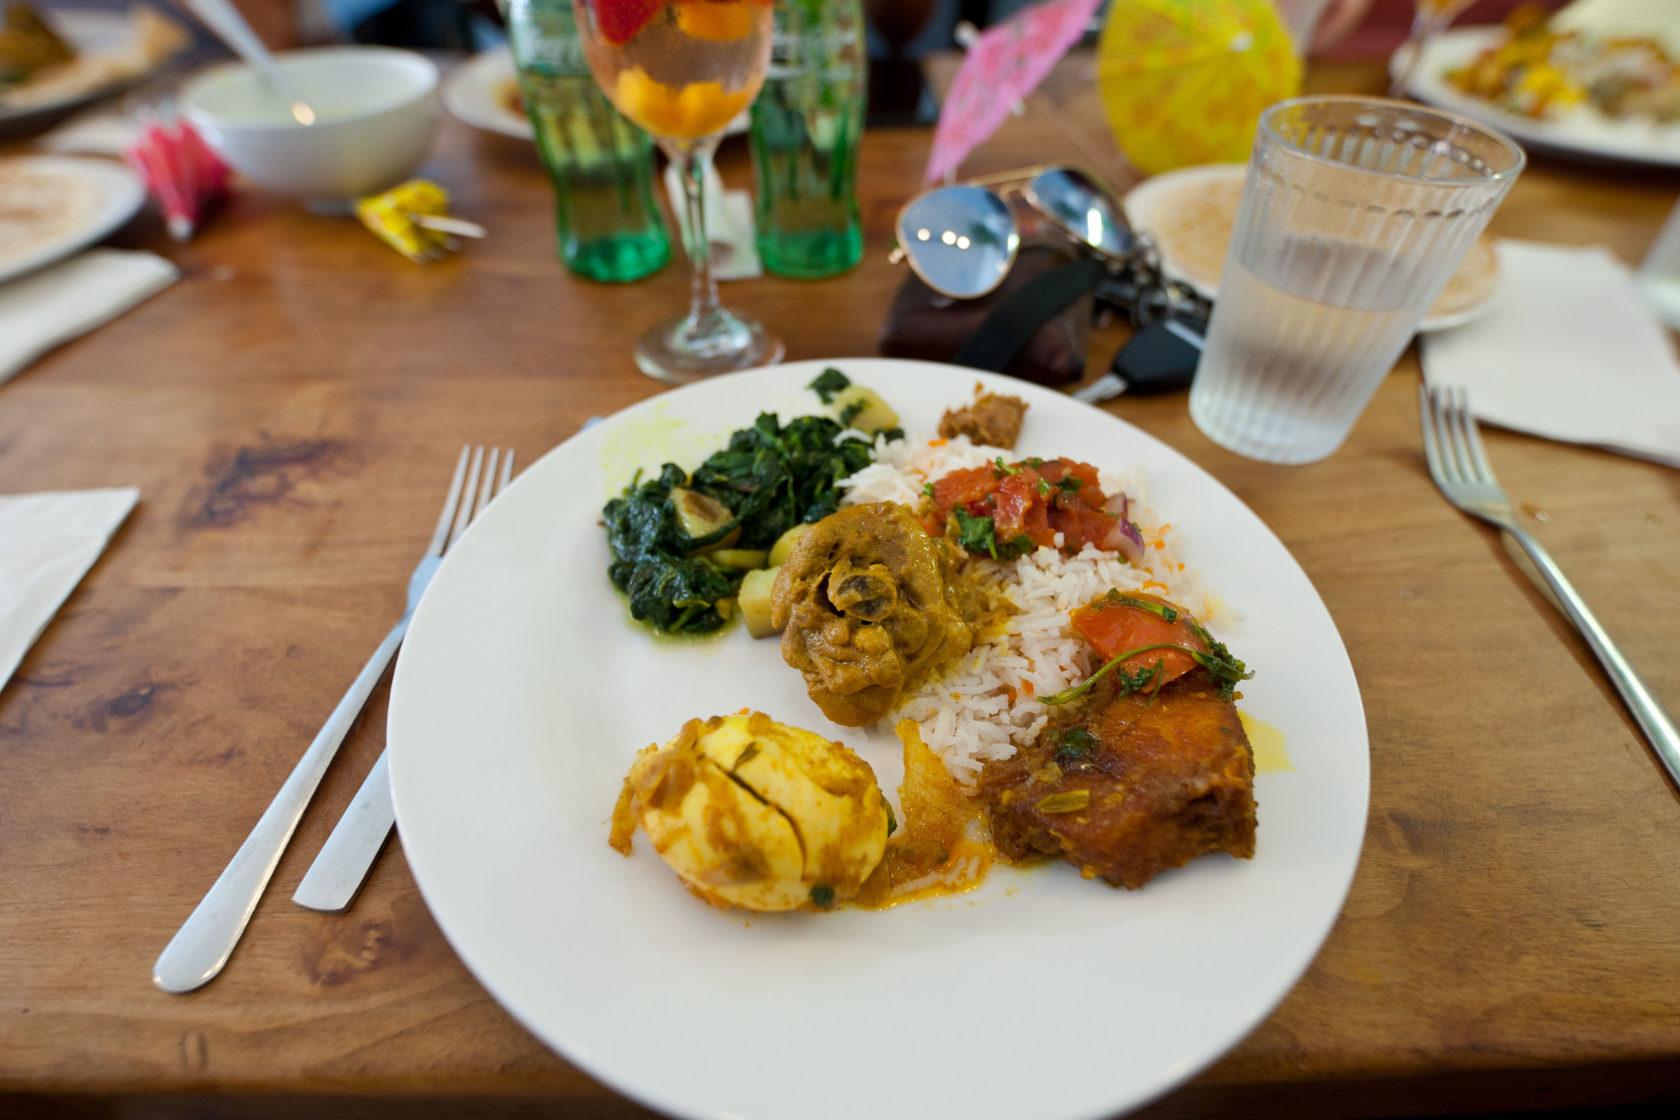 PeteEatsJC: Korai Kitchen